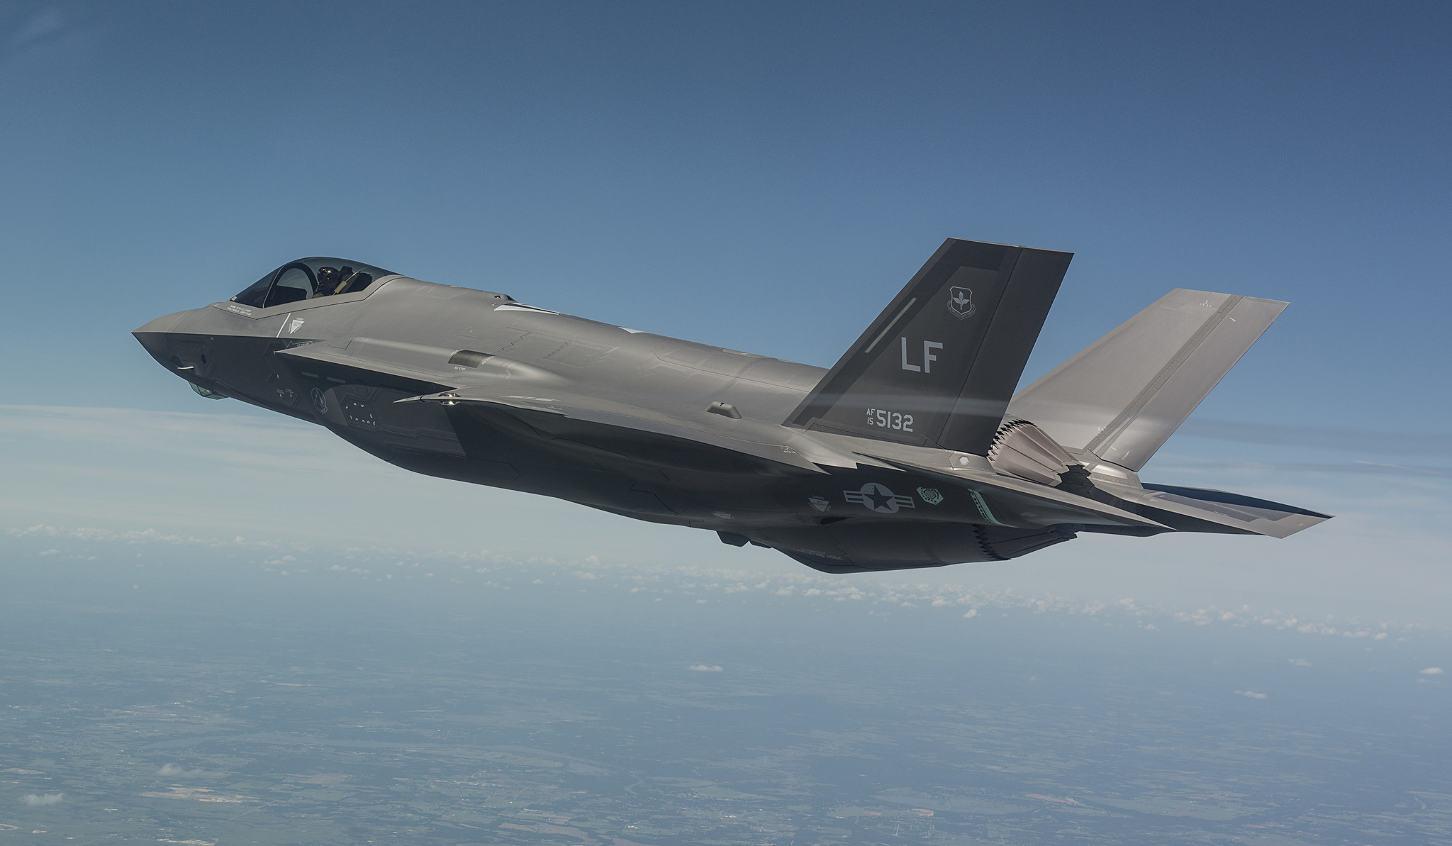 L'Allemagne demande le prix et la disponibilité du F-35